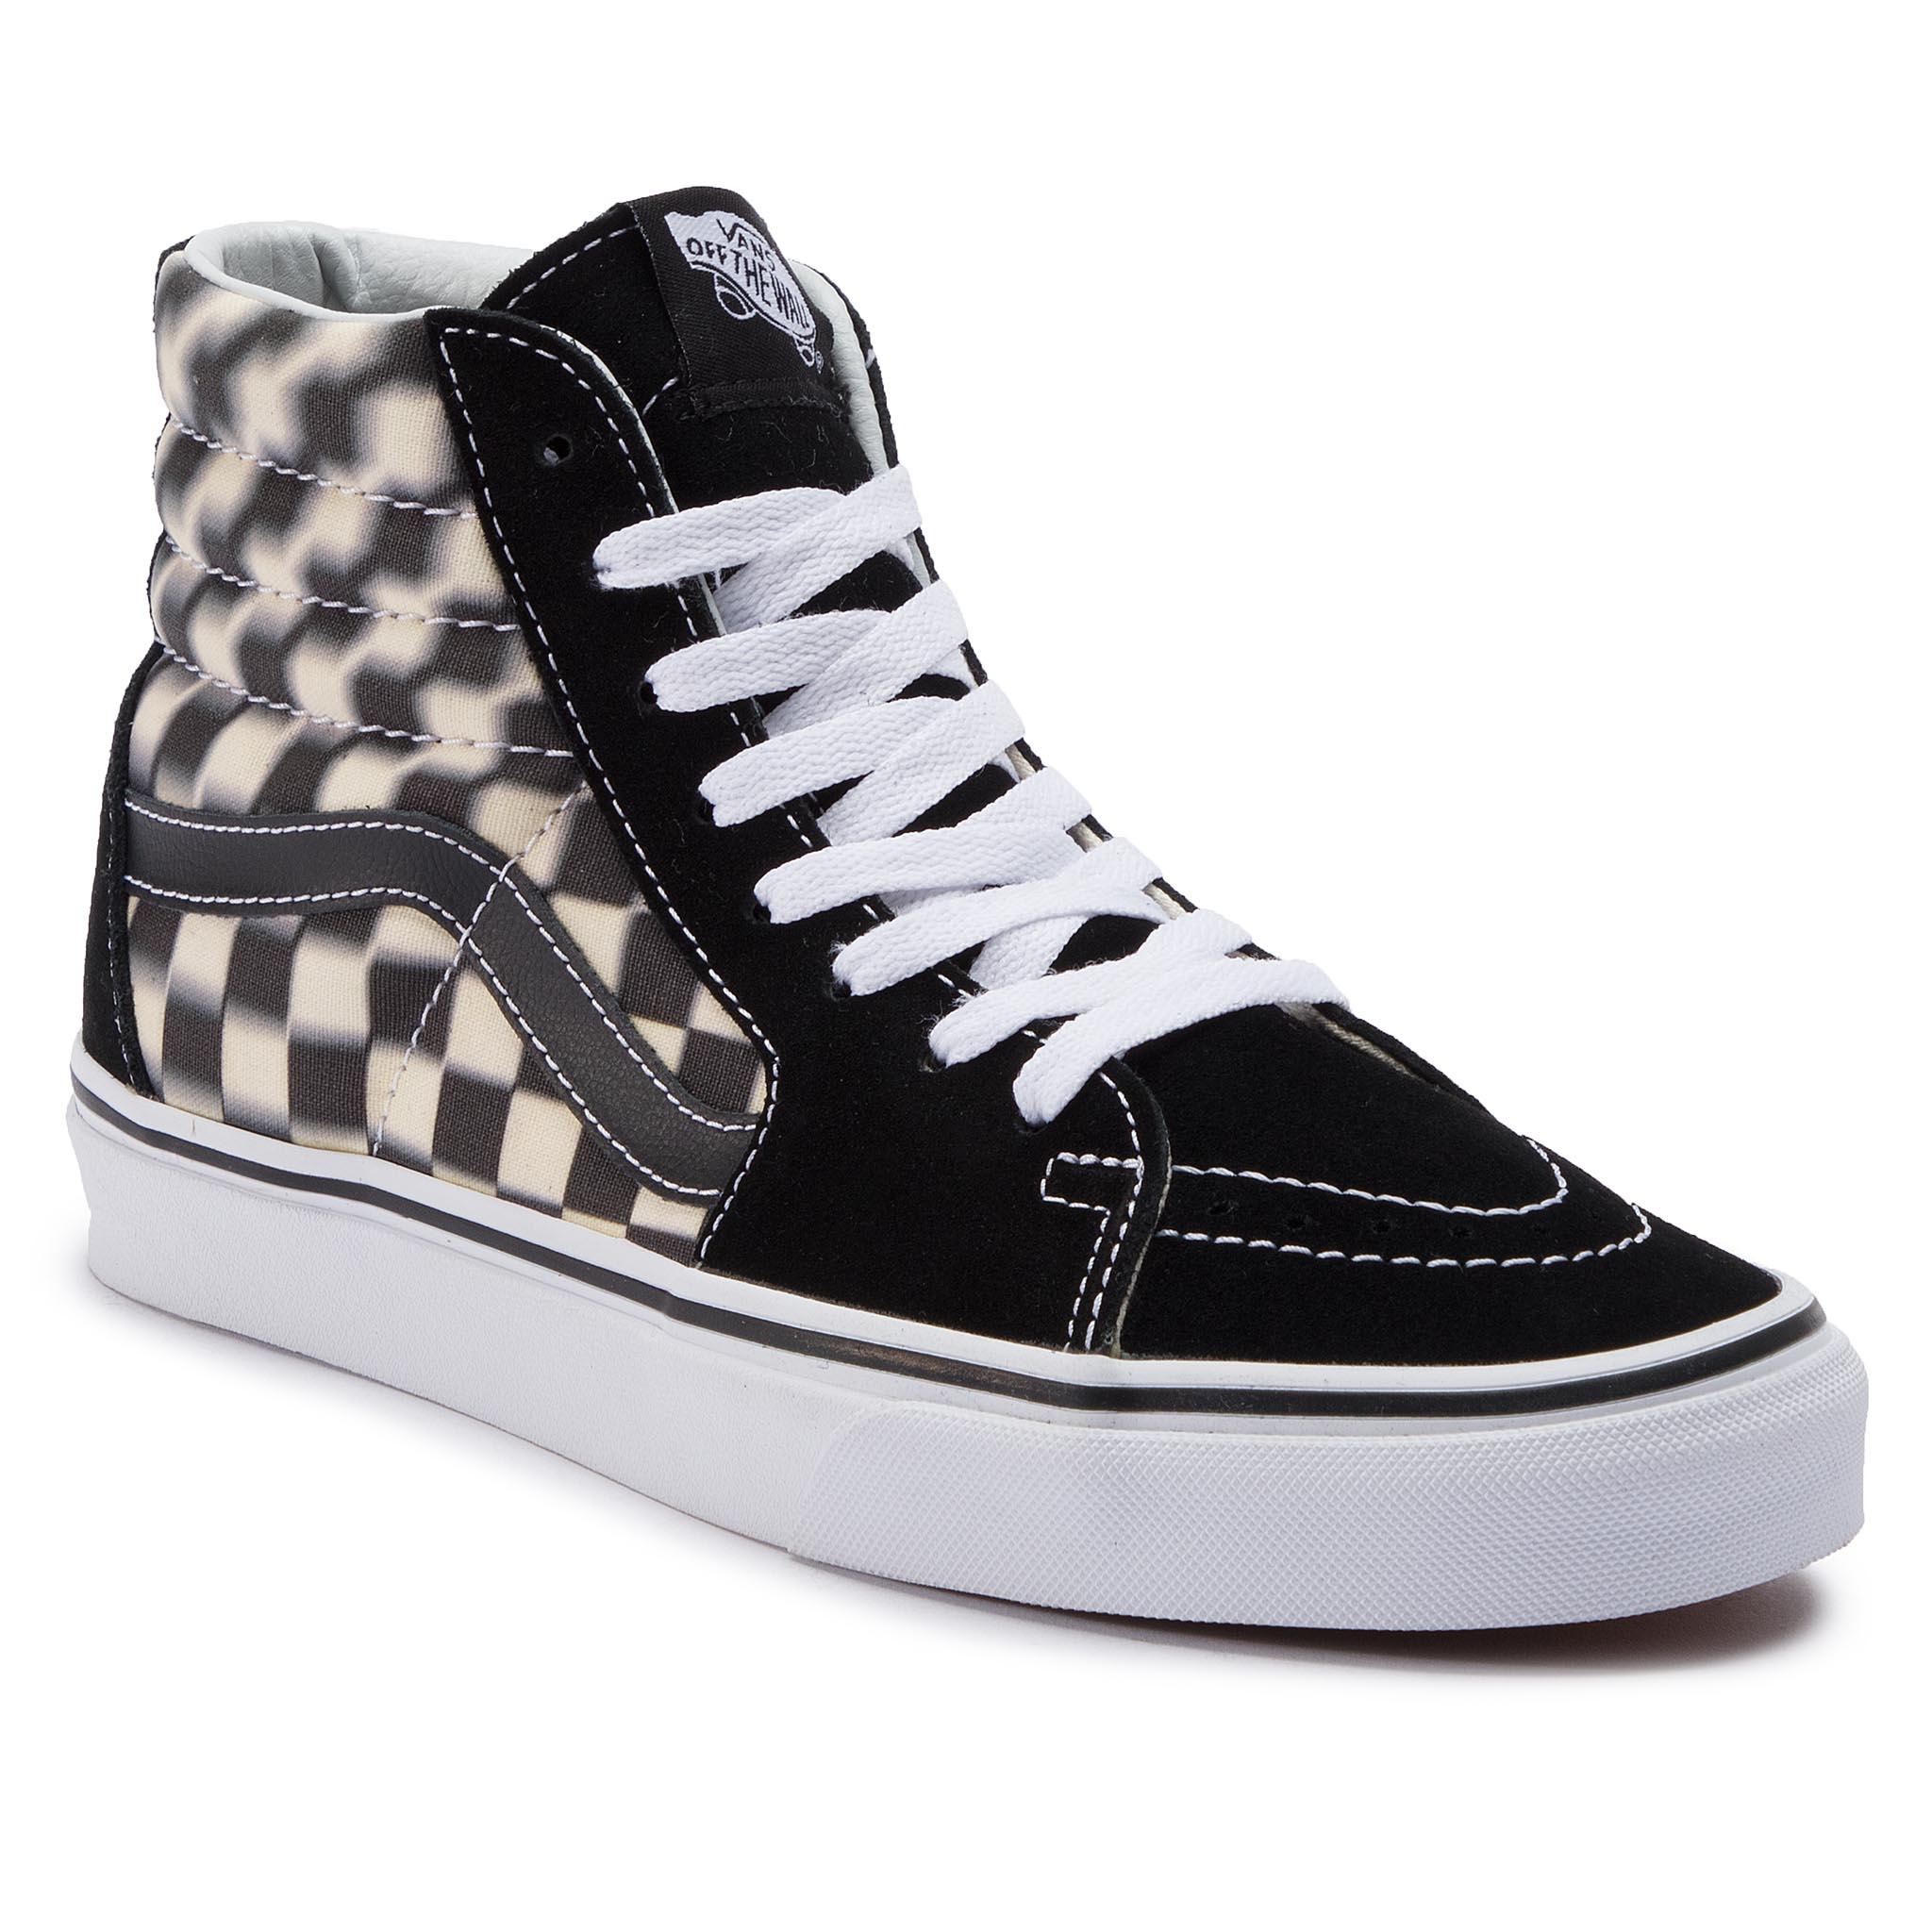 92307b5716 Sneakers VANS - Sk8-Hi VN000D5IB8C Black White - Sneakers - Low ...